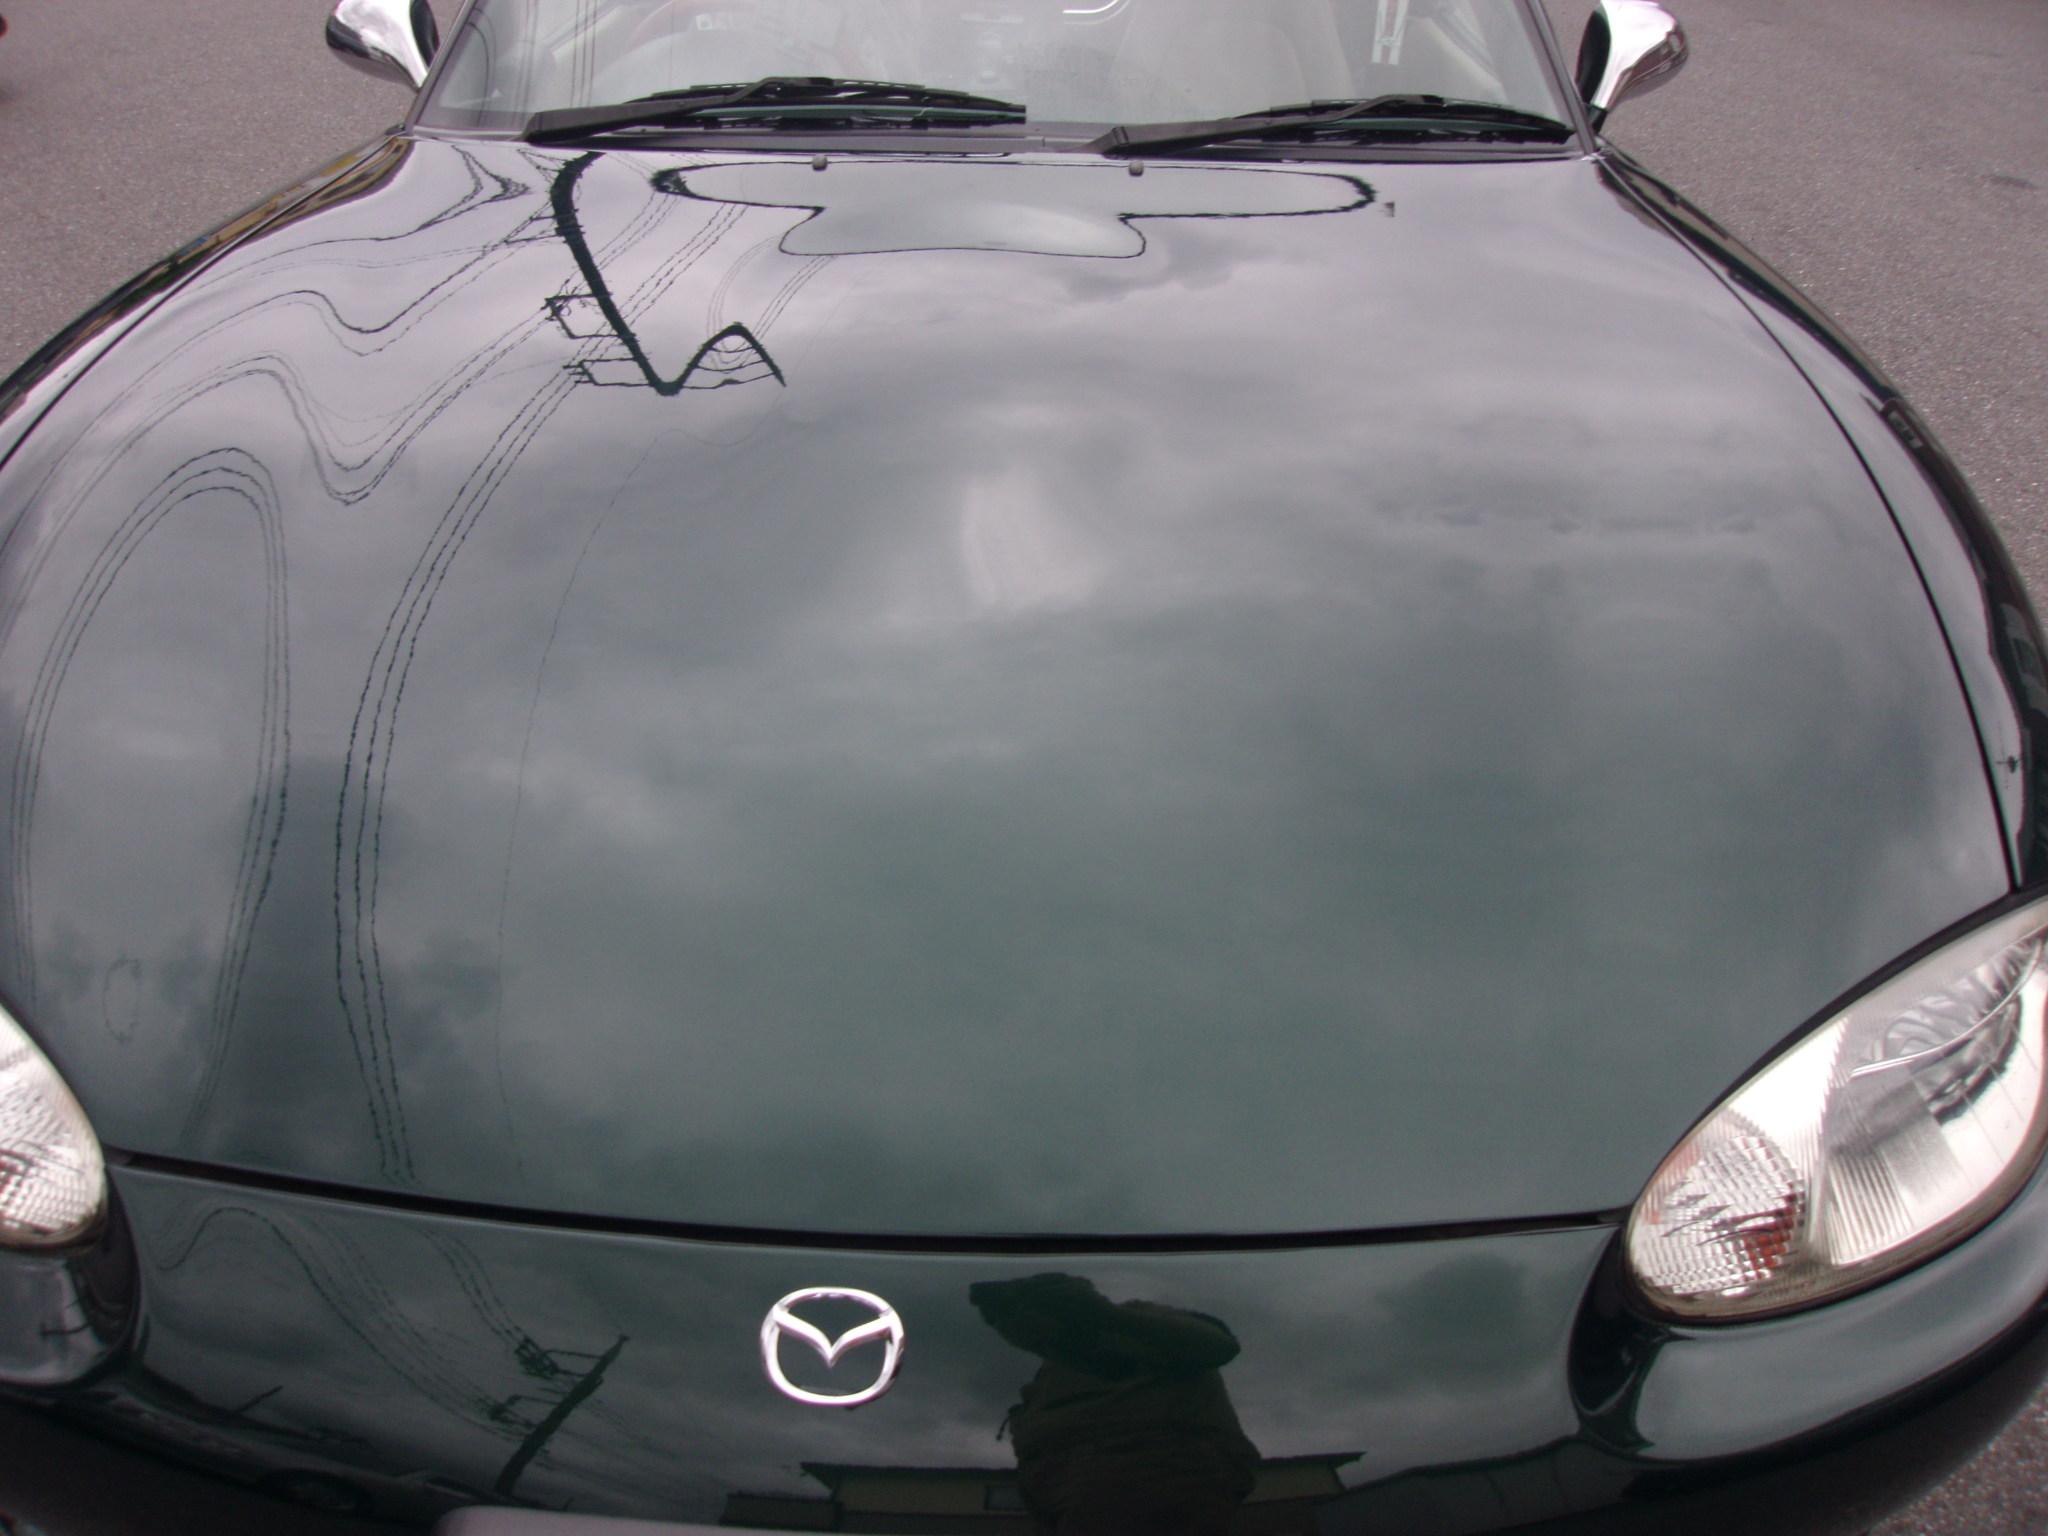 マツダ ロードスター 塗装劣化修理 全塗装 オールペイント 千葉